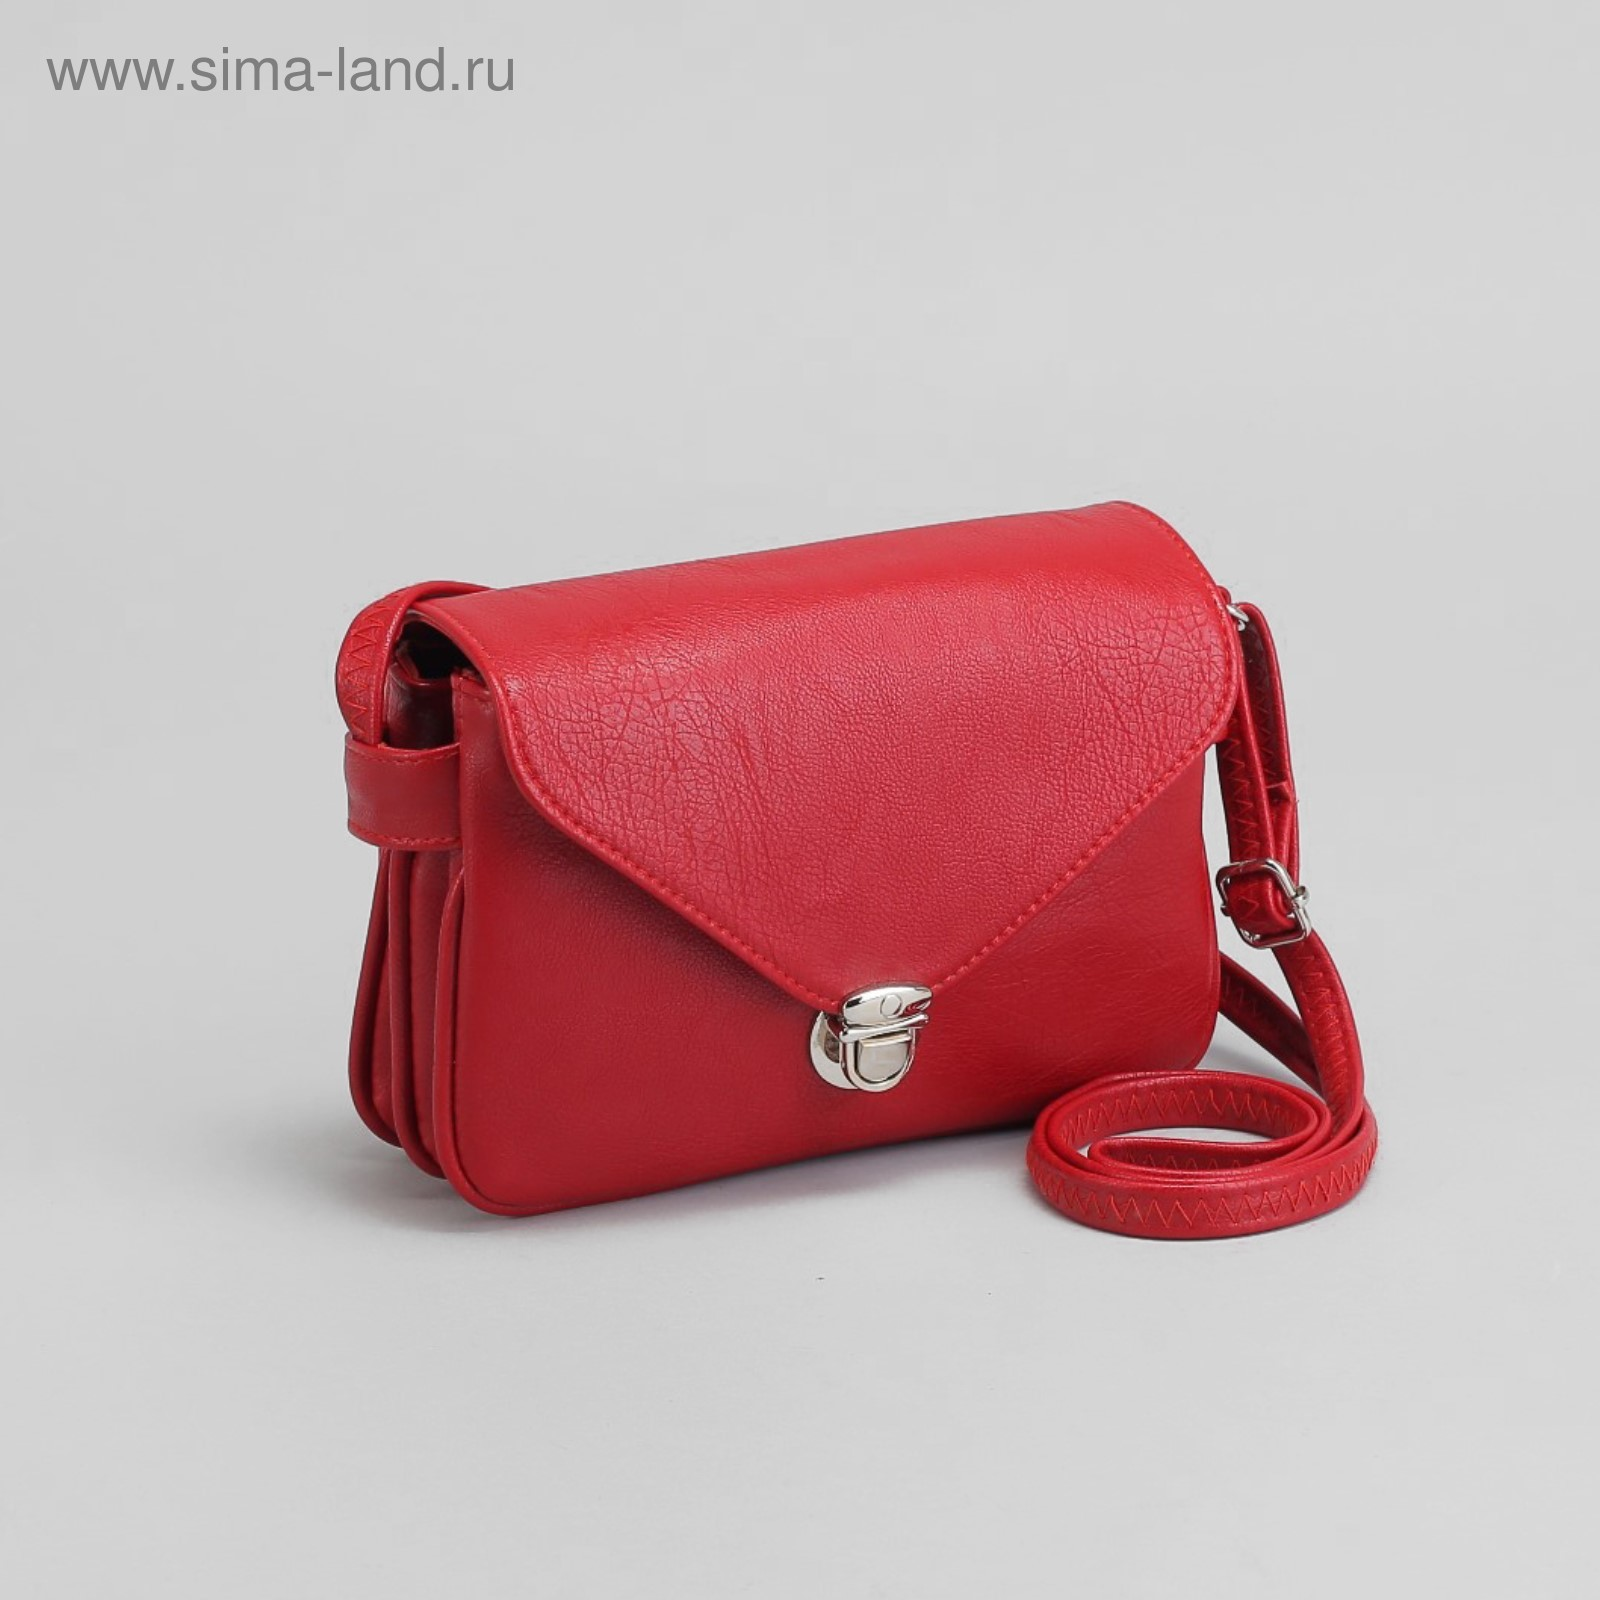 5a532e6f5ce2 Сумка женская, отдел на молнии, наружный карман, длинный ремень, цвет  красный